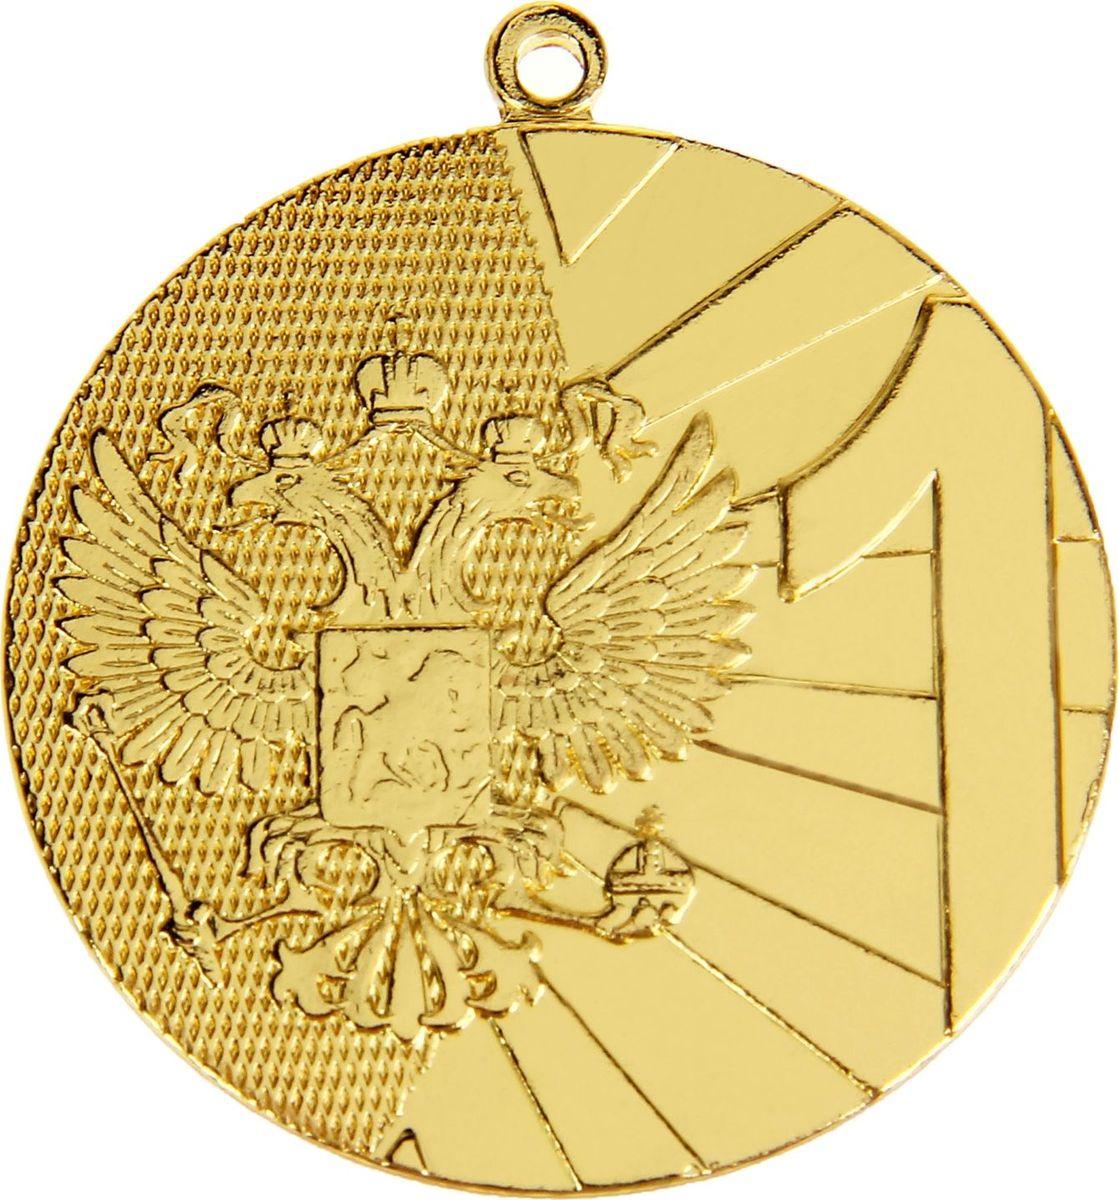 Медаль сувенирная 1 место, цвет: золотистый, диаметр 4 см. 0181028902Медаль — знак отличия, которым награждают самых достойных. Она вручается лишь тем, кто проявил настойчивость и волю к победе. Каждое достижение — это важное событие, которое должно остаться в памяти на долгие годы. Любое спортивное состязание, профессиональное или среди любителей, любое корпоративное мероприятие — отличный повод для того, чтобы отметить лучших из лучших. Характеристики:Диаметр медали: 4 см Диаметр вкладыша (оборот): 3,5 см.